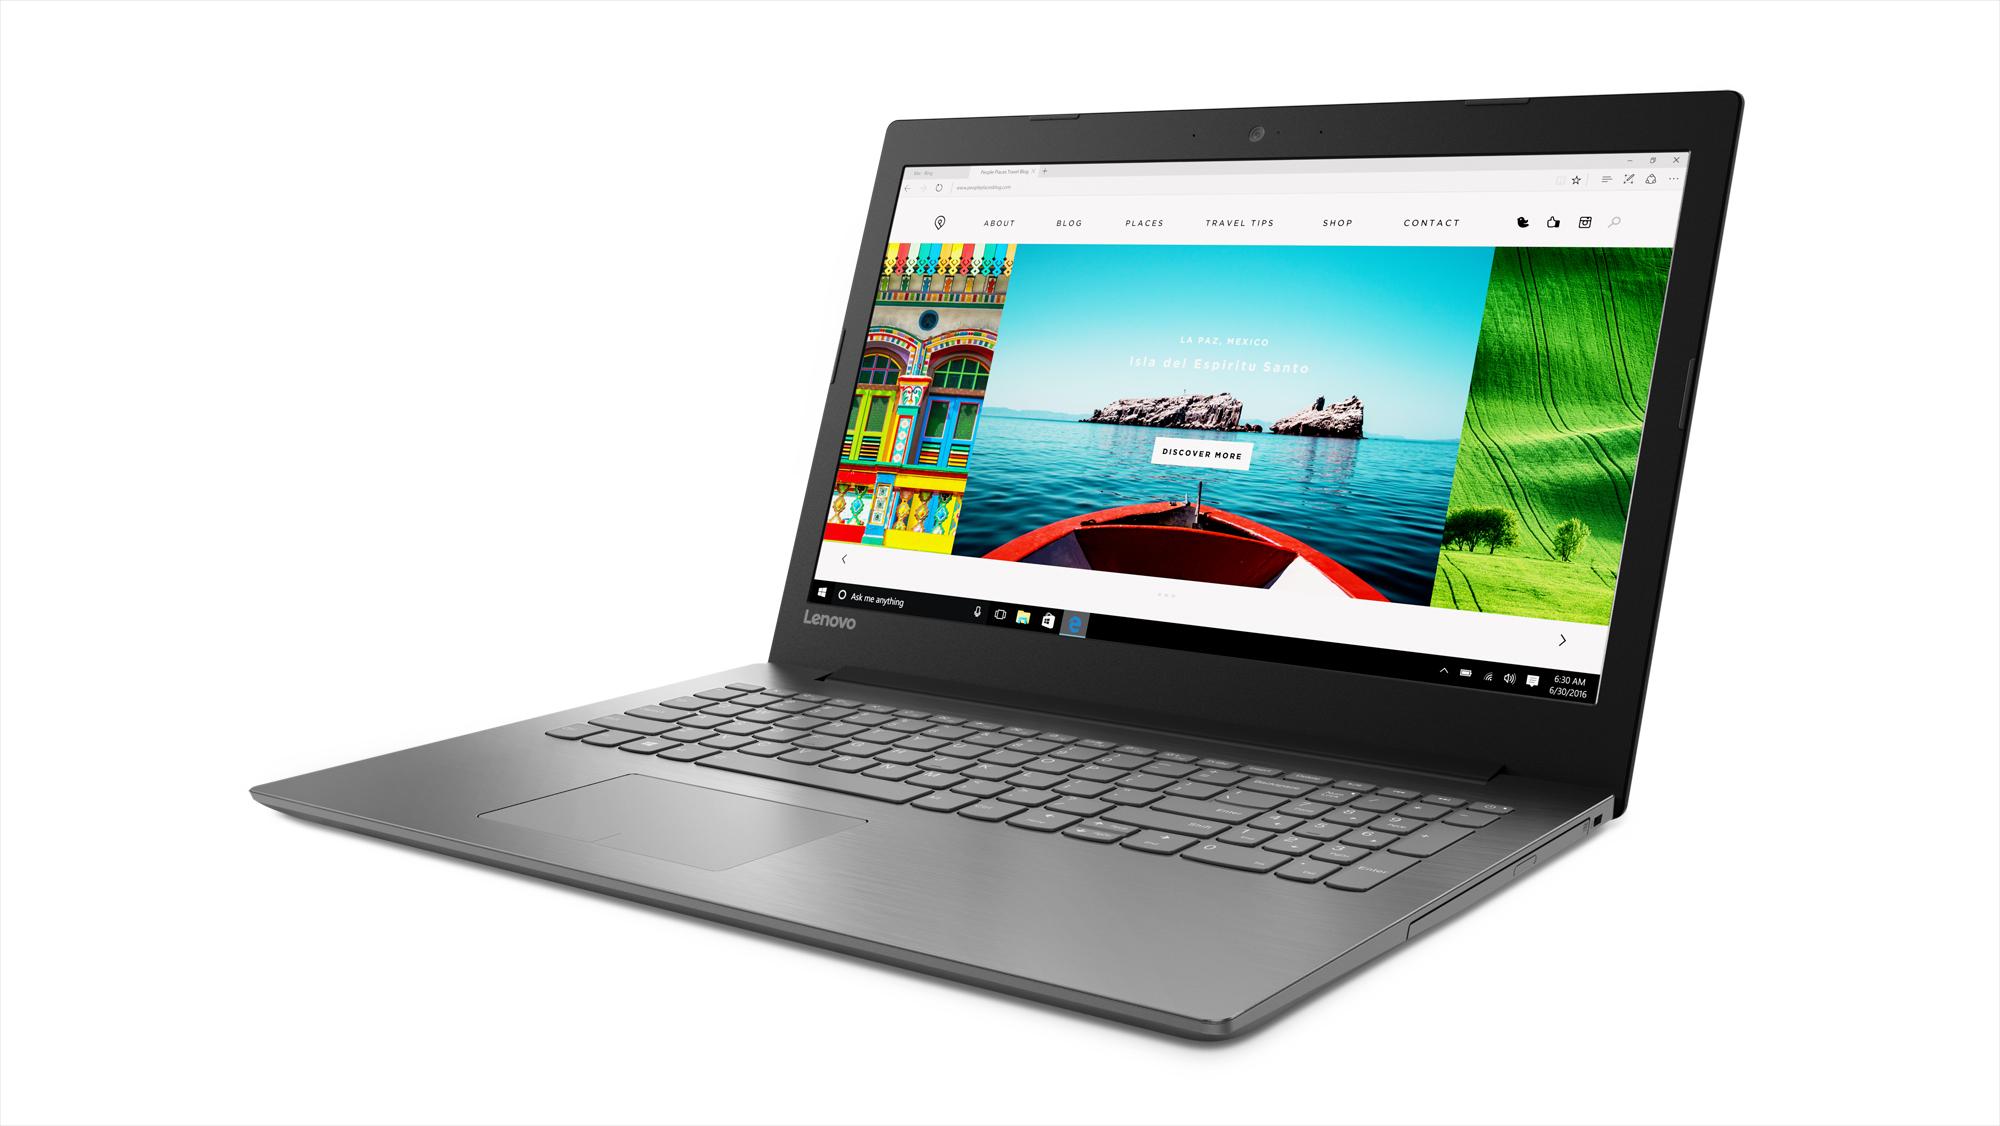 NOTEBOOK LENOVO IDEA 320-15IAP N3350/4G/500GB/W10